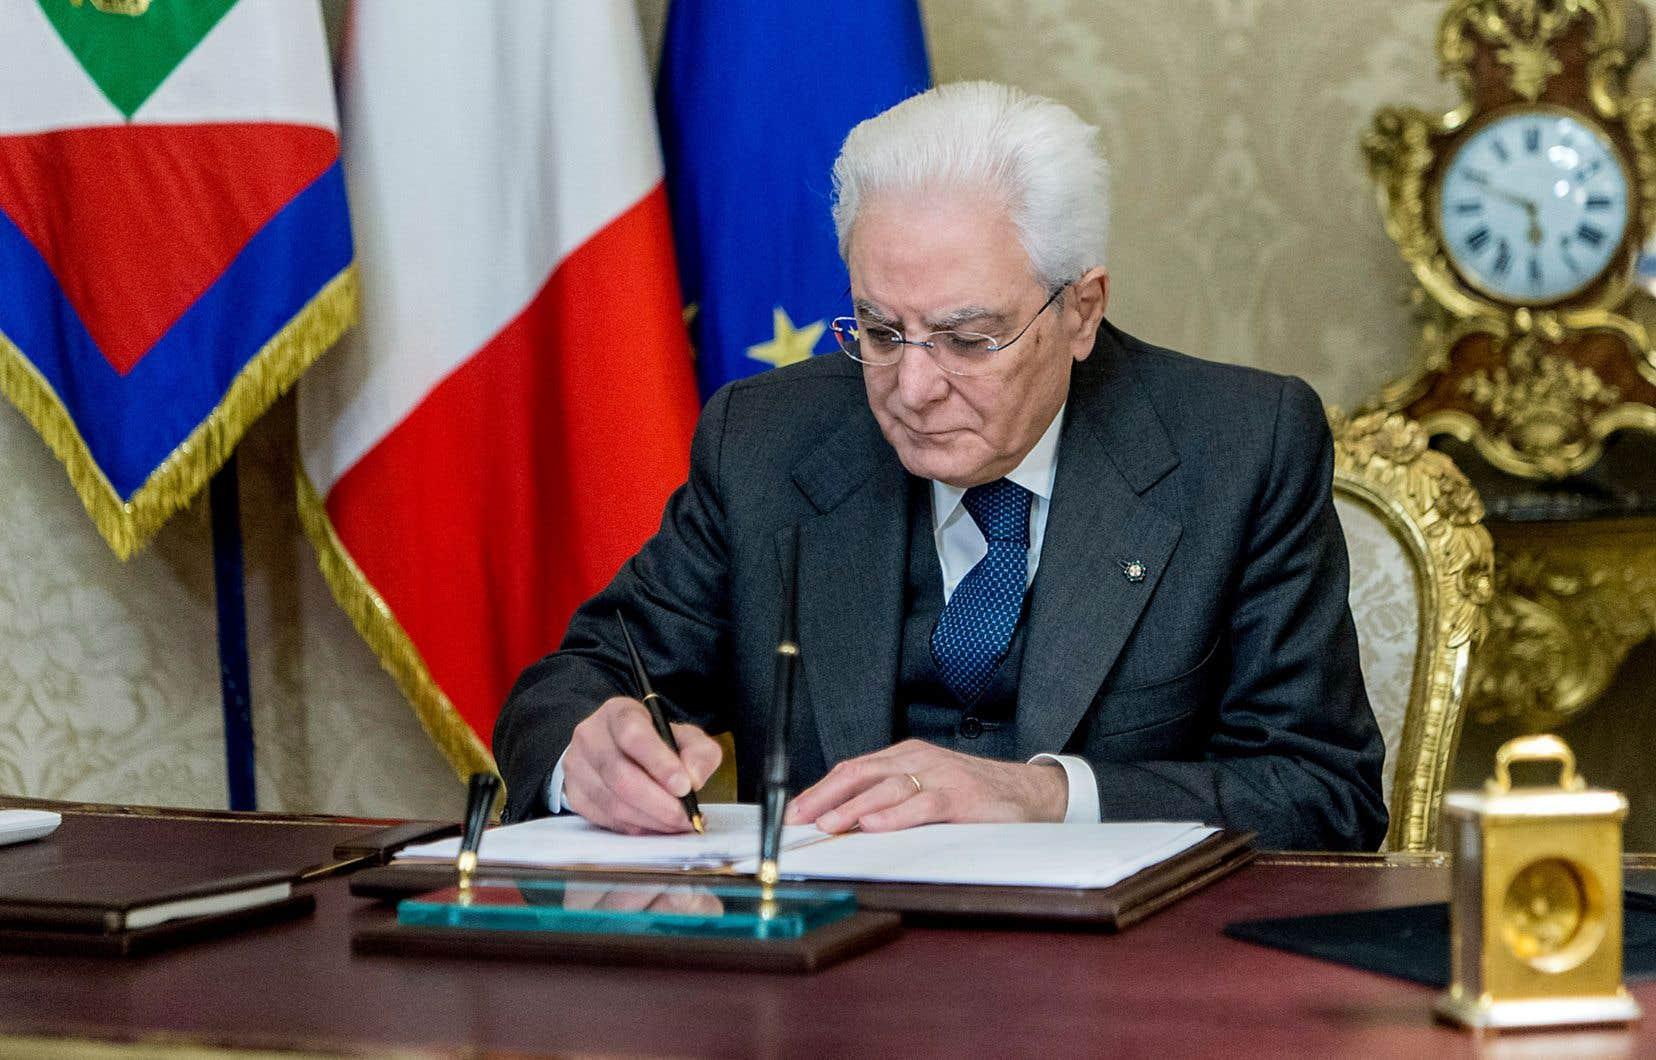 Le chef de l'État, Sergio Mattarella, a signé le décret de dissolution du Sénat et de la Chambre des députés jeudi.